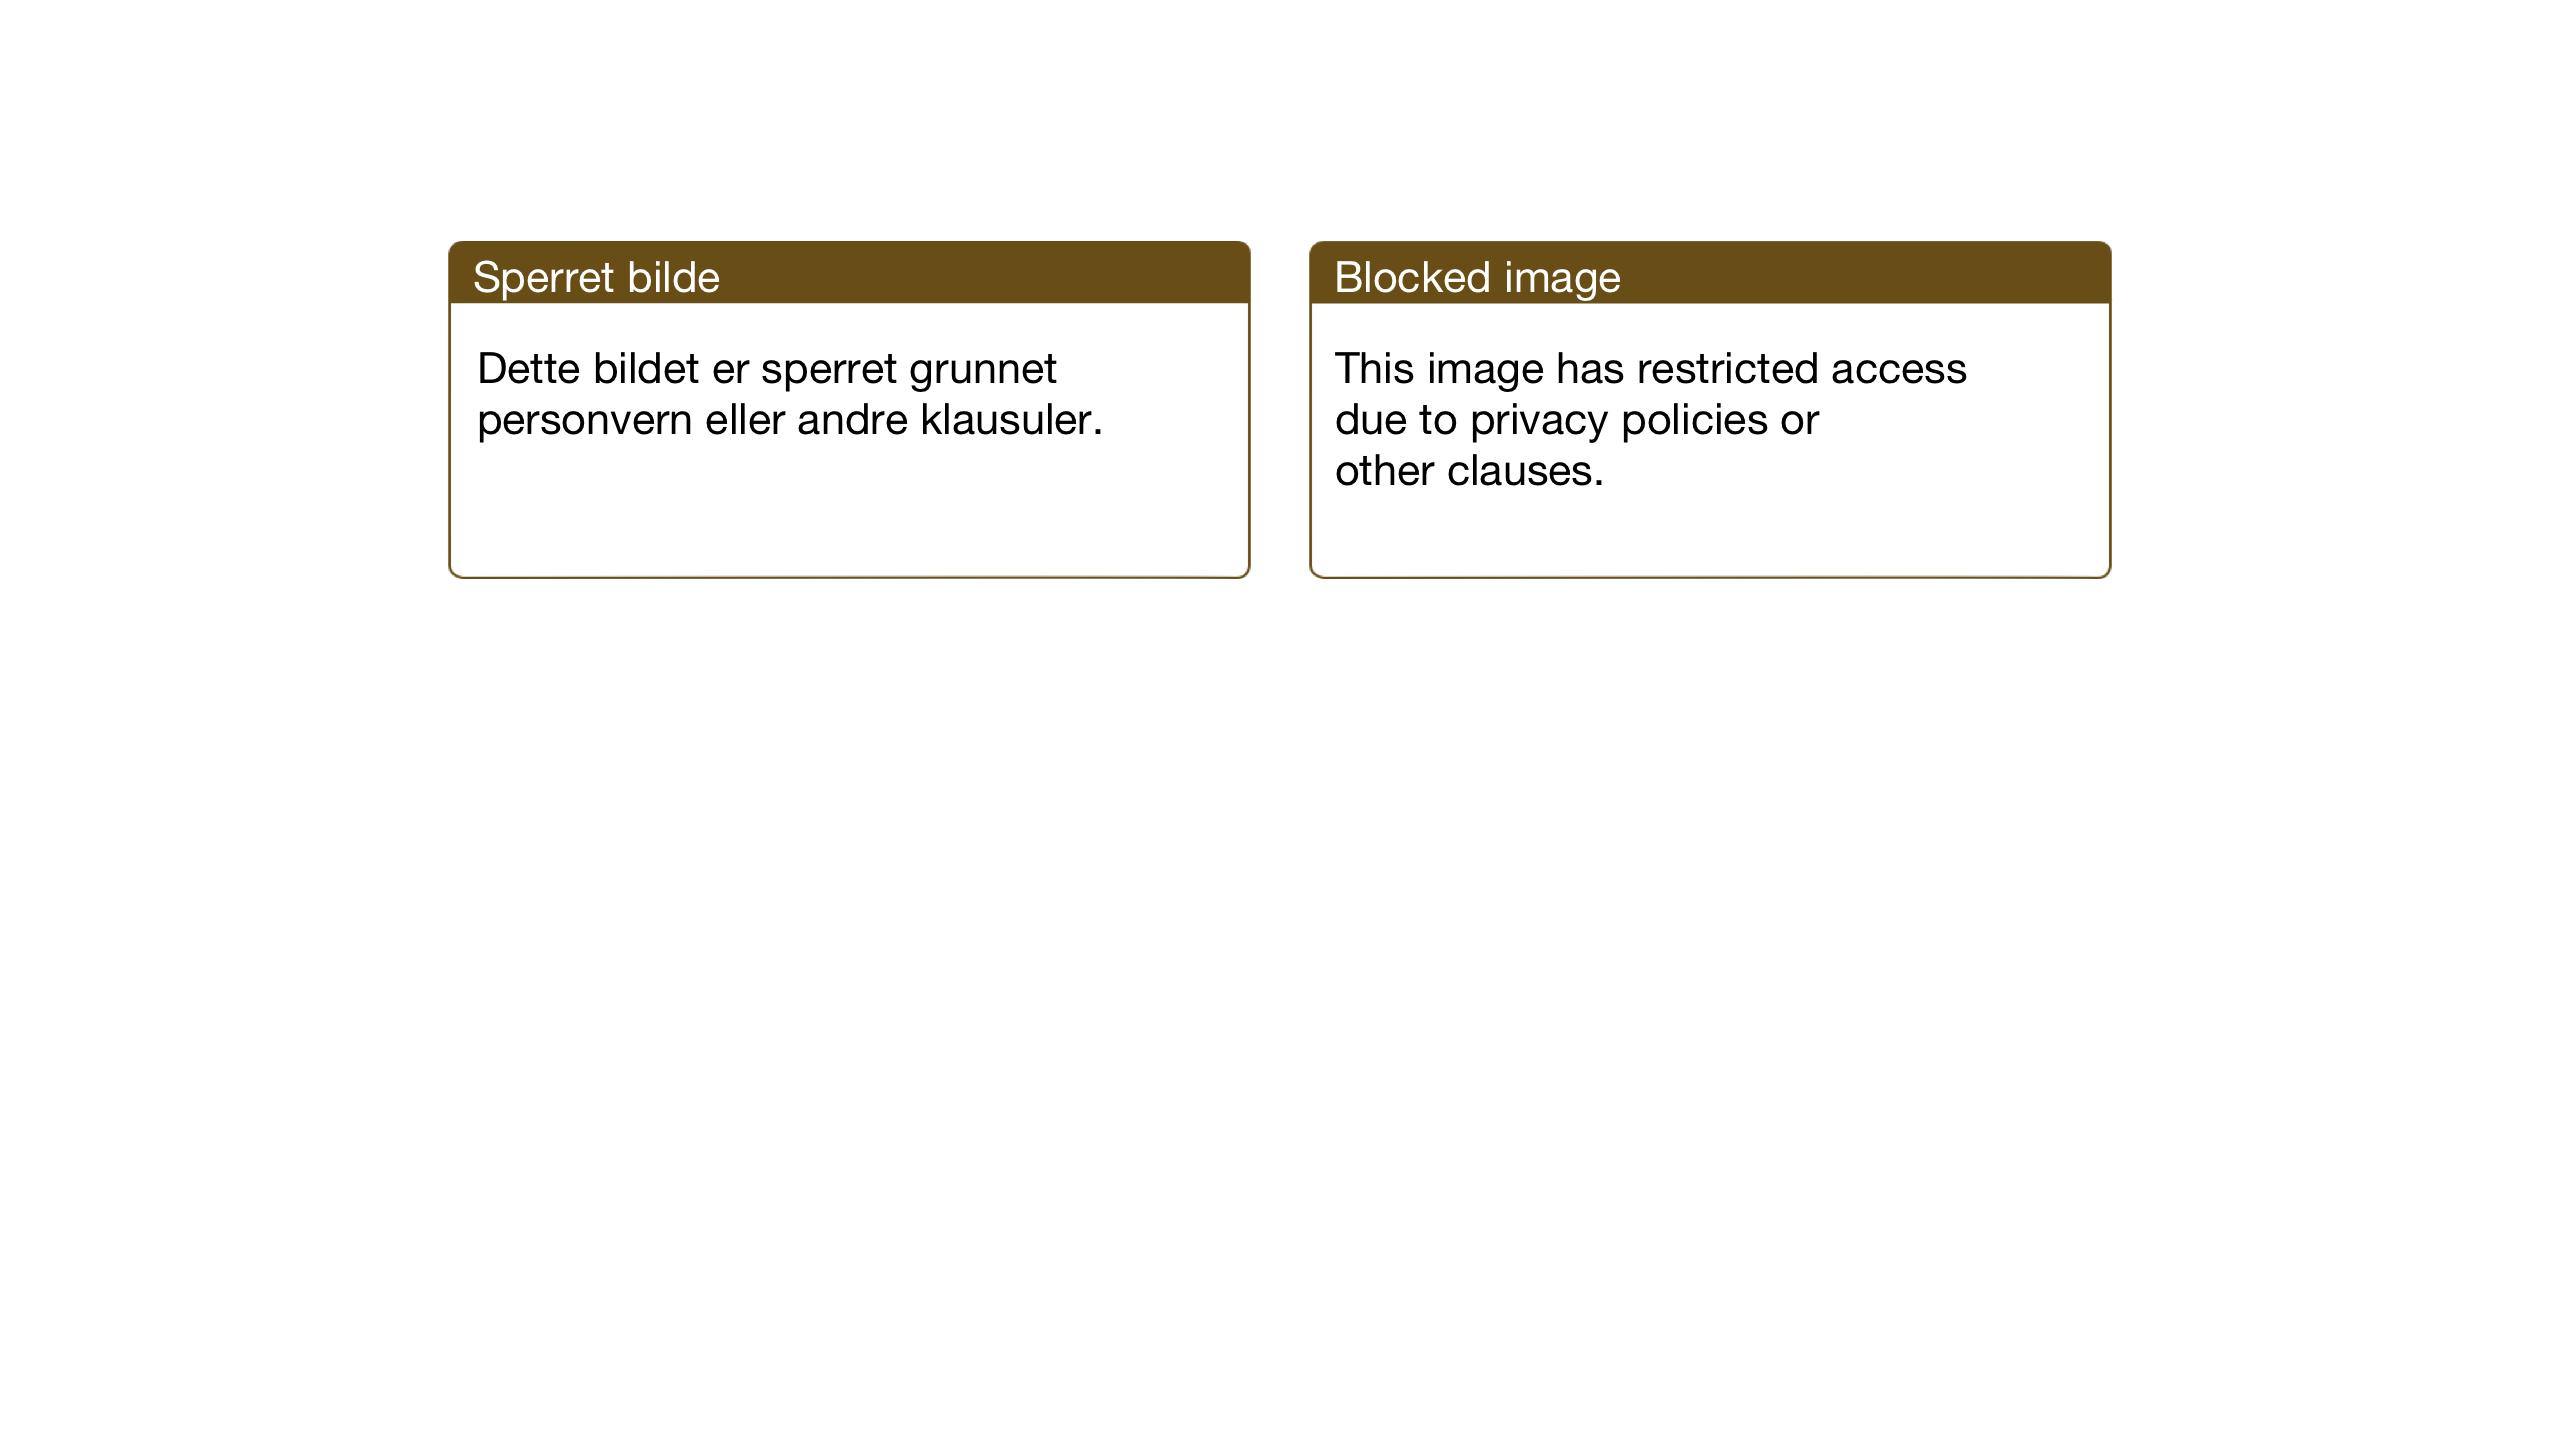 SAT, Ministerialprotokoller, klokkerbøker og fødselsregistre - Sør-Trøndelag, 630/L0506: Klokkerbok nr. 630C04, 1914-1933, s. 118